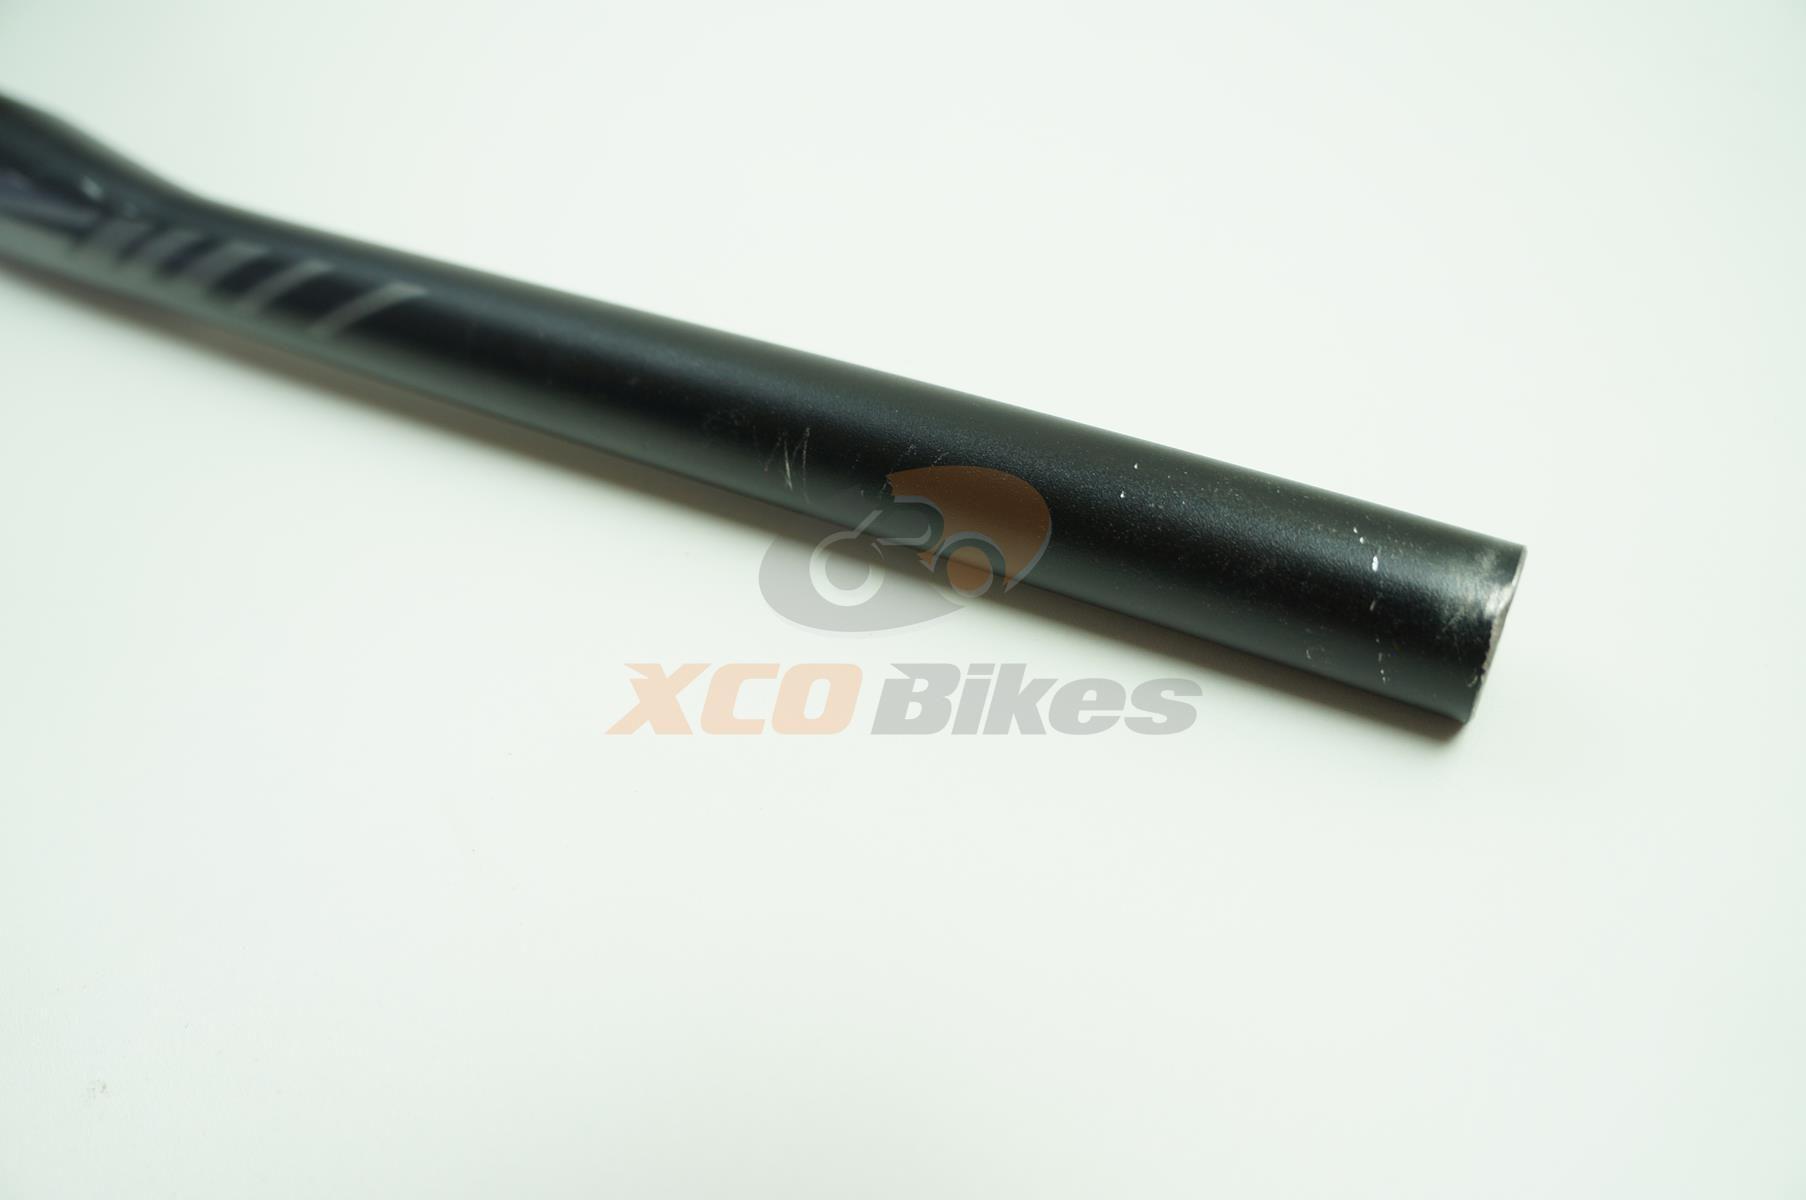 Guidão Bike Mtb Specialized Alumínio 660mm 31.8 Reto Preto Super Leve 210g - USADO